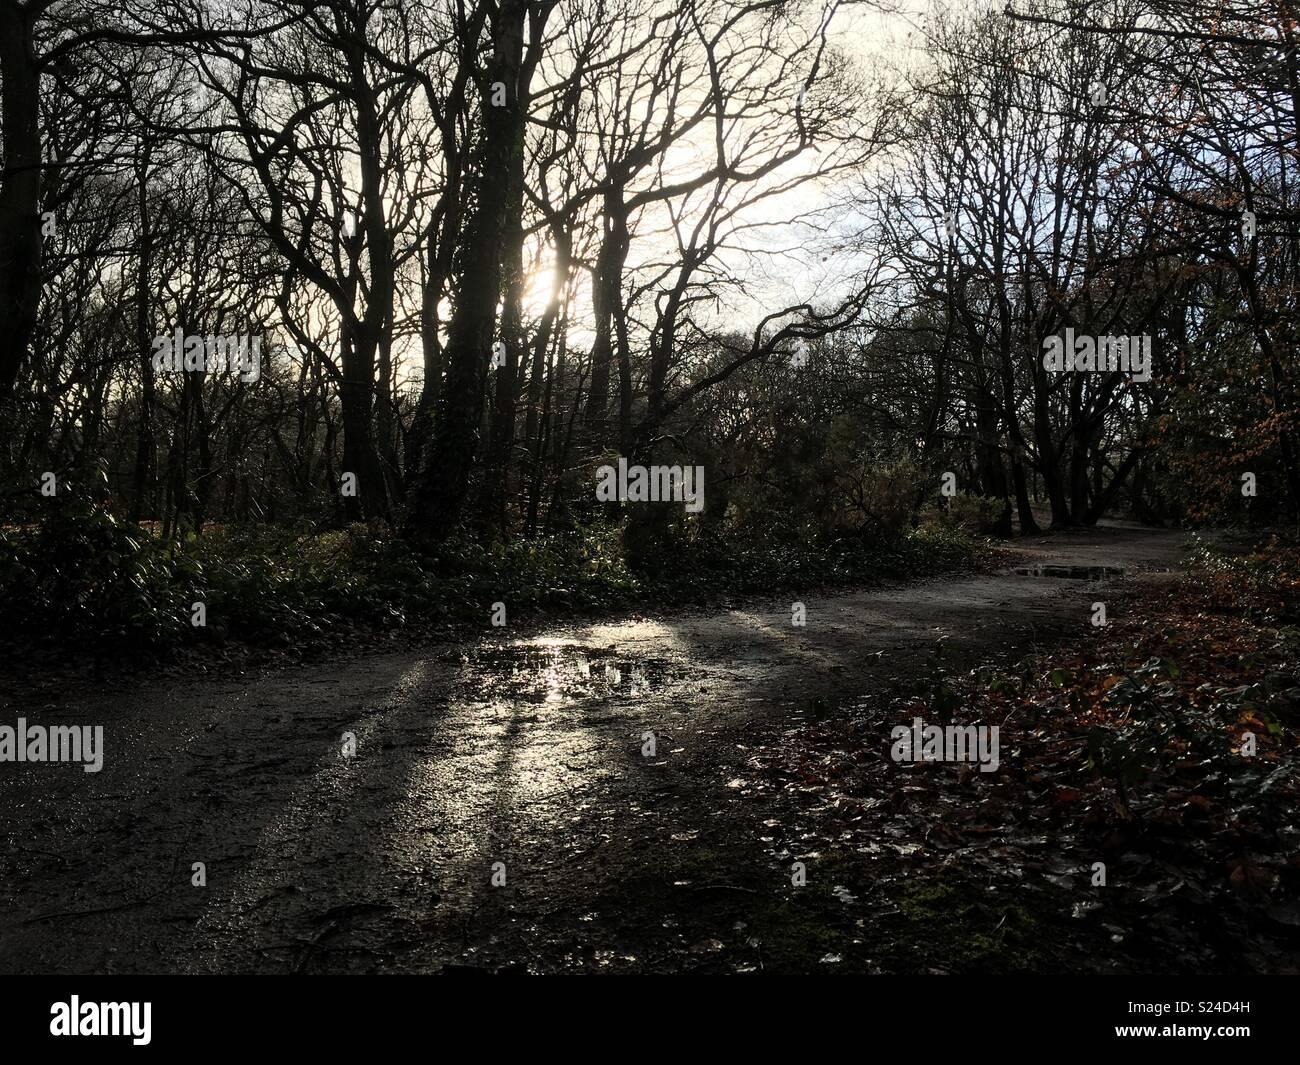 Hampstead Heath - Stock Image